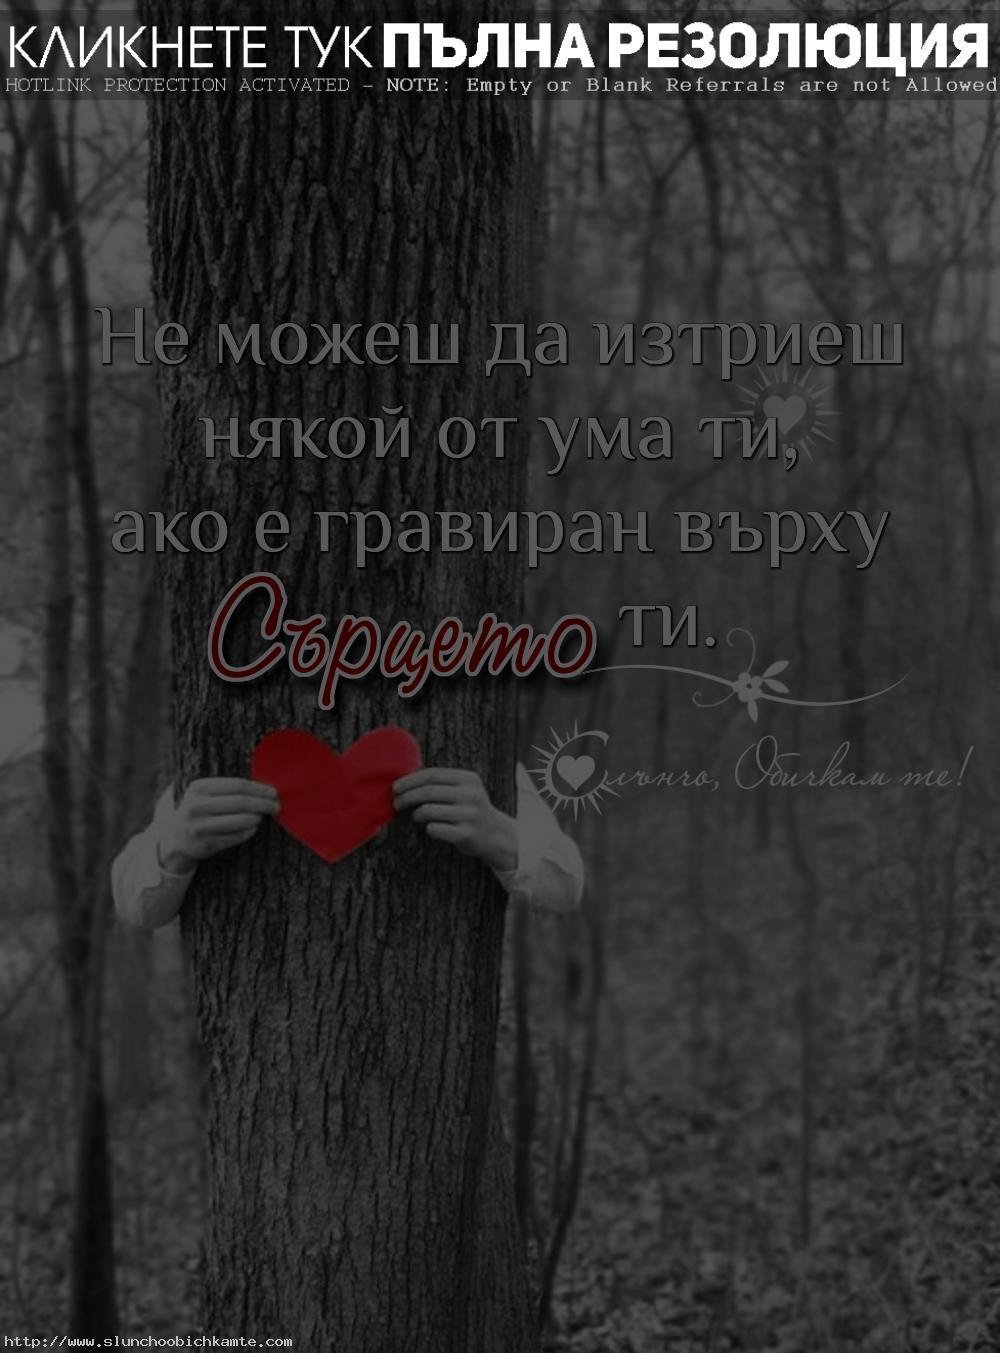 Не можеш да изтриеш някой от ума ти, ако е гравиран върху сърцето ти - Любов, любовни мисли, сърце, любовни статуси, любовни цитати, любовни фрази, мисли за сърцето, мисли за любовта, обичам те, истинска любов, завинаги заедно, завинаги до теб, слънчо обичкам те